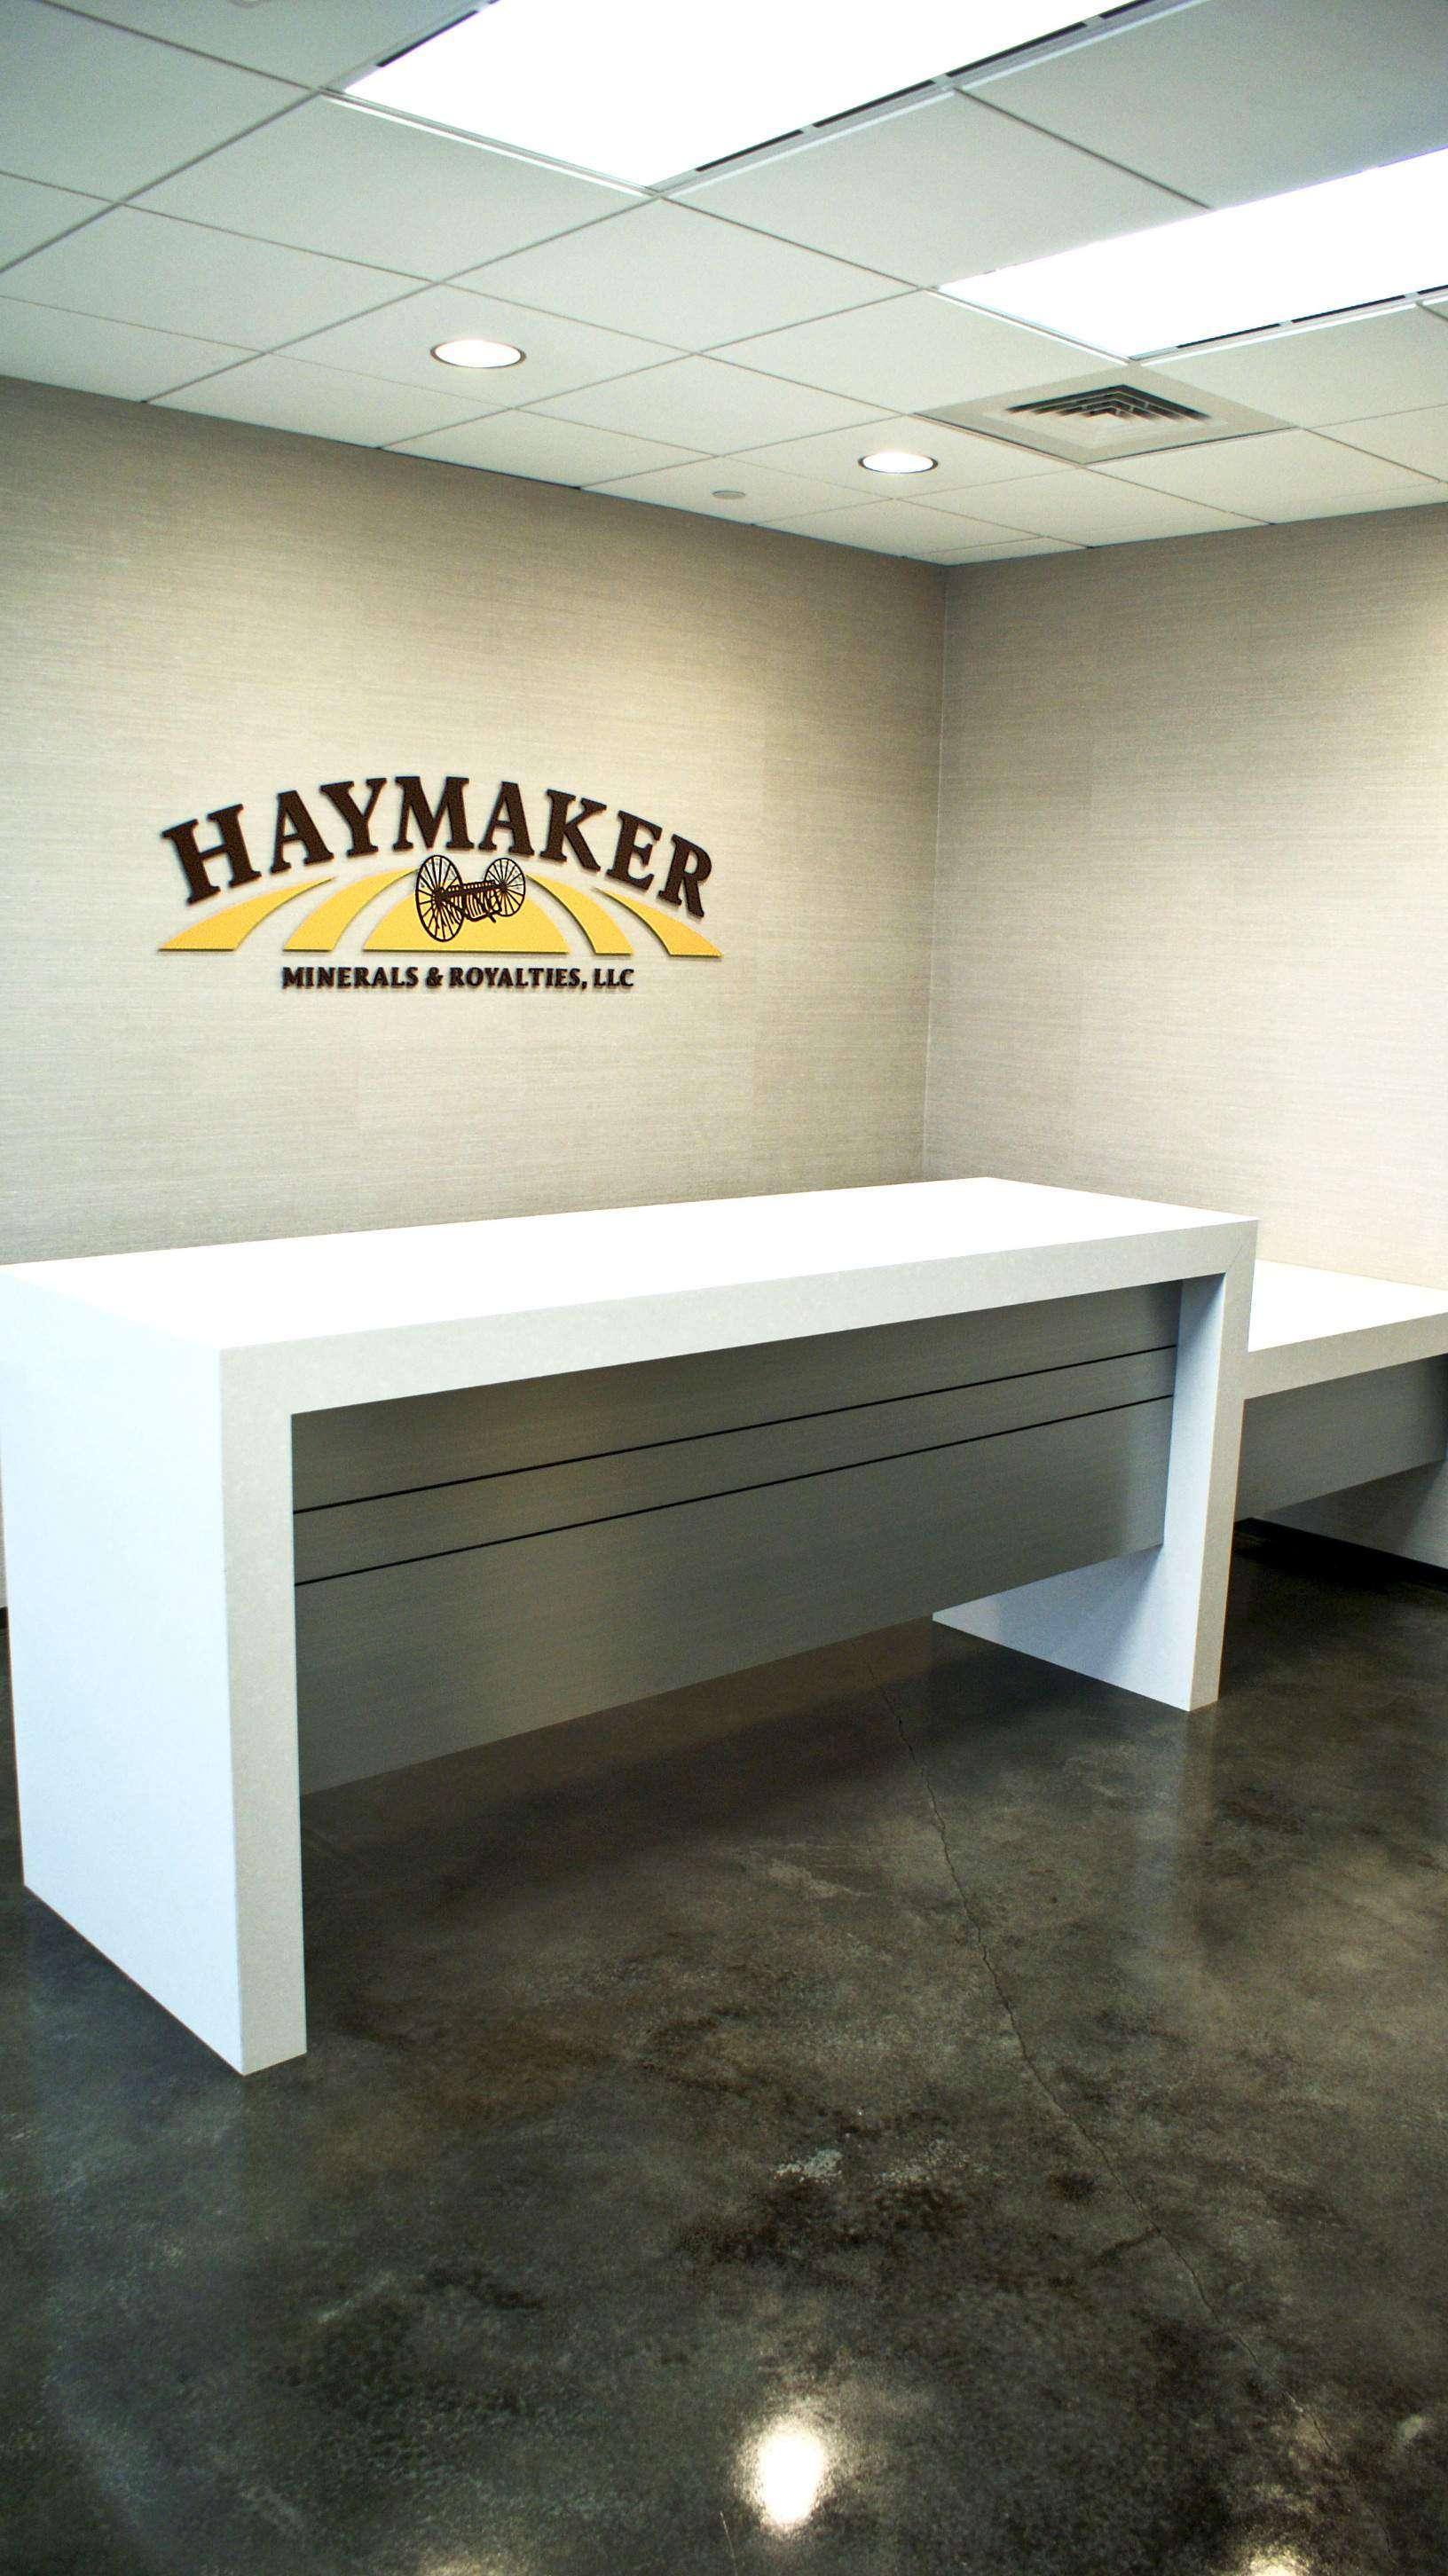 Haymaker Minerals & Royalties